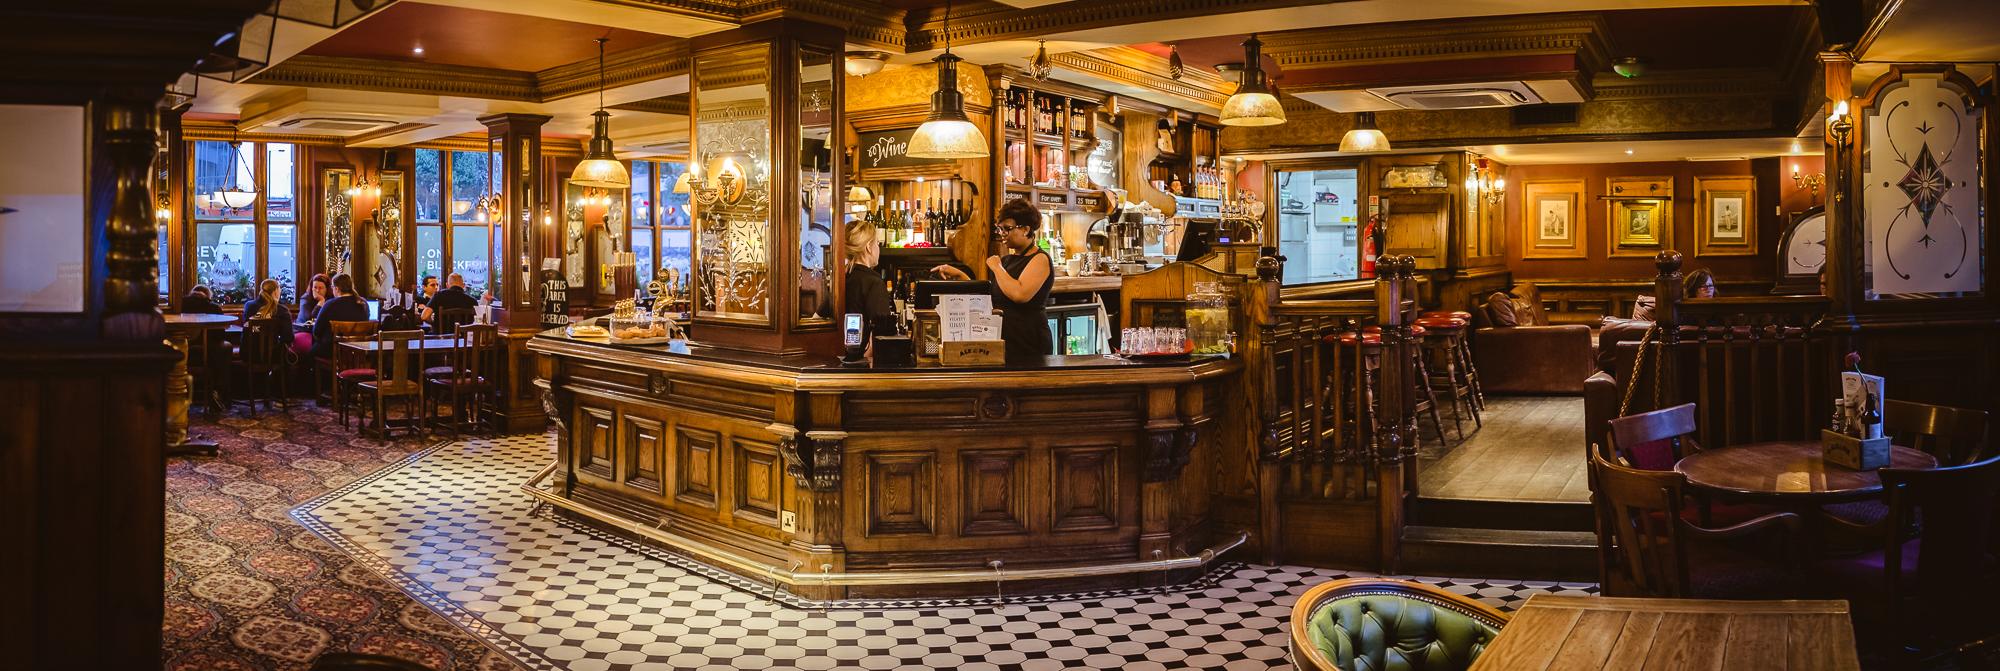 The Mad Hatter. Pub con solera en Southwark donde había gente jugando a Dungeons and Dragons.